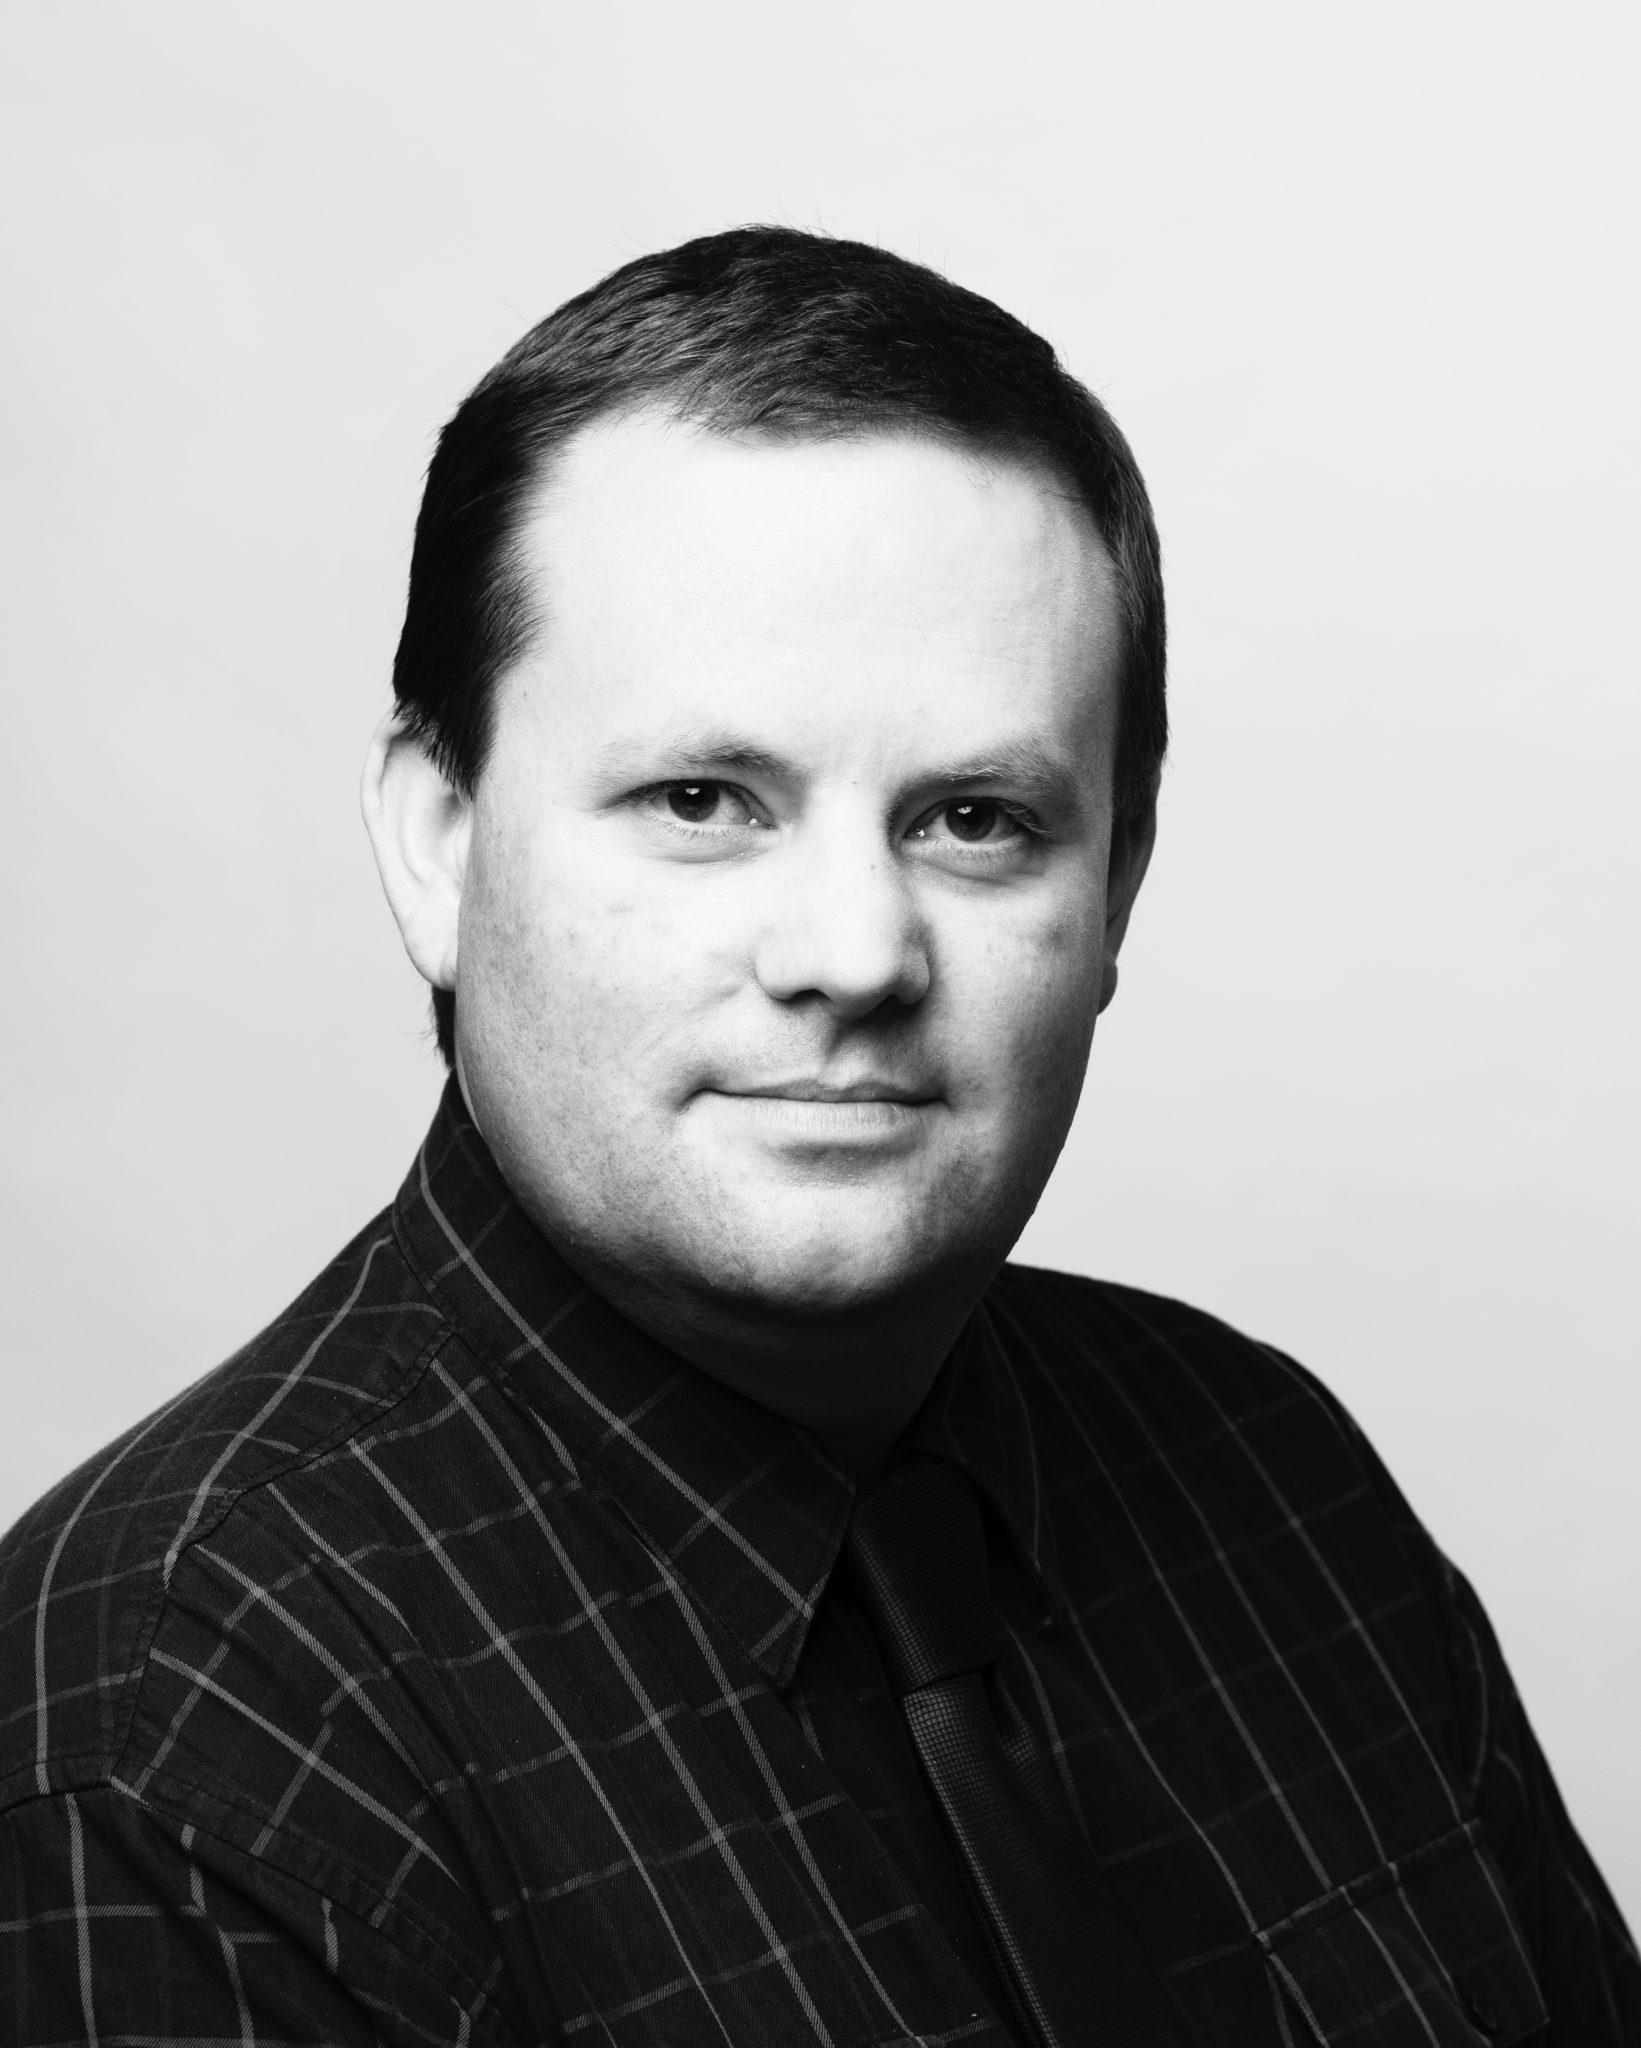 Matthew Kopelke